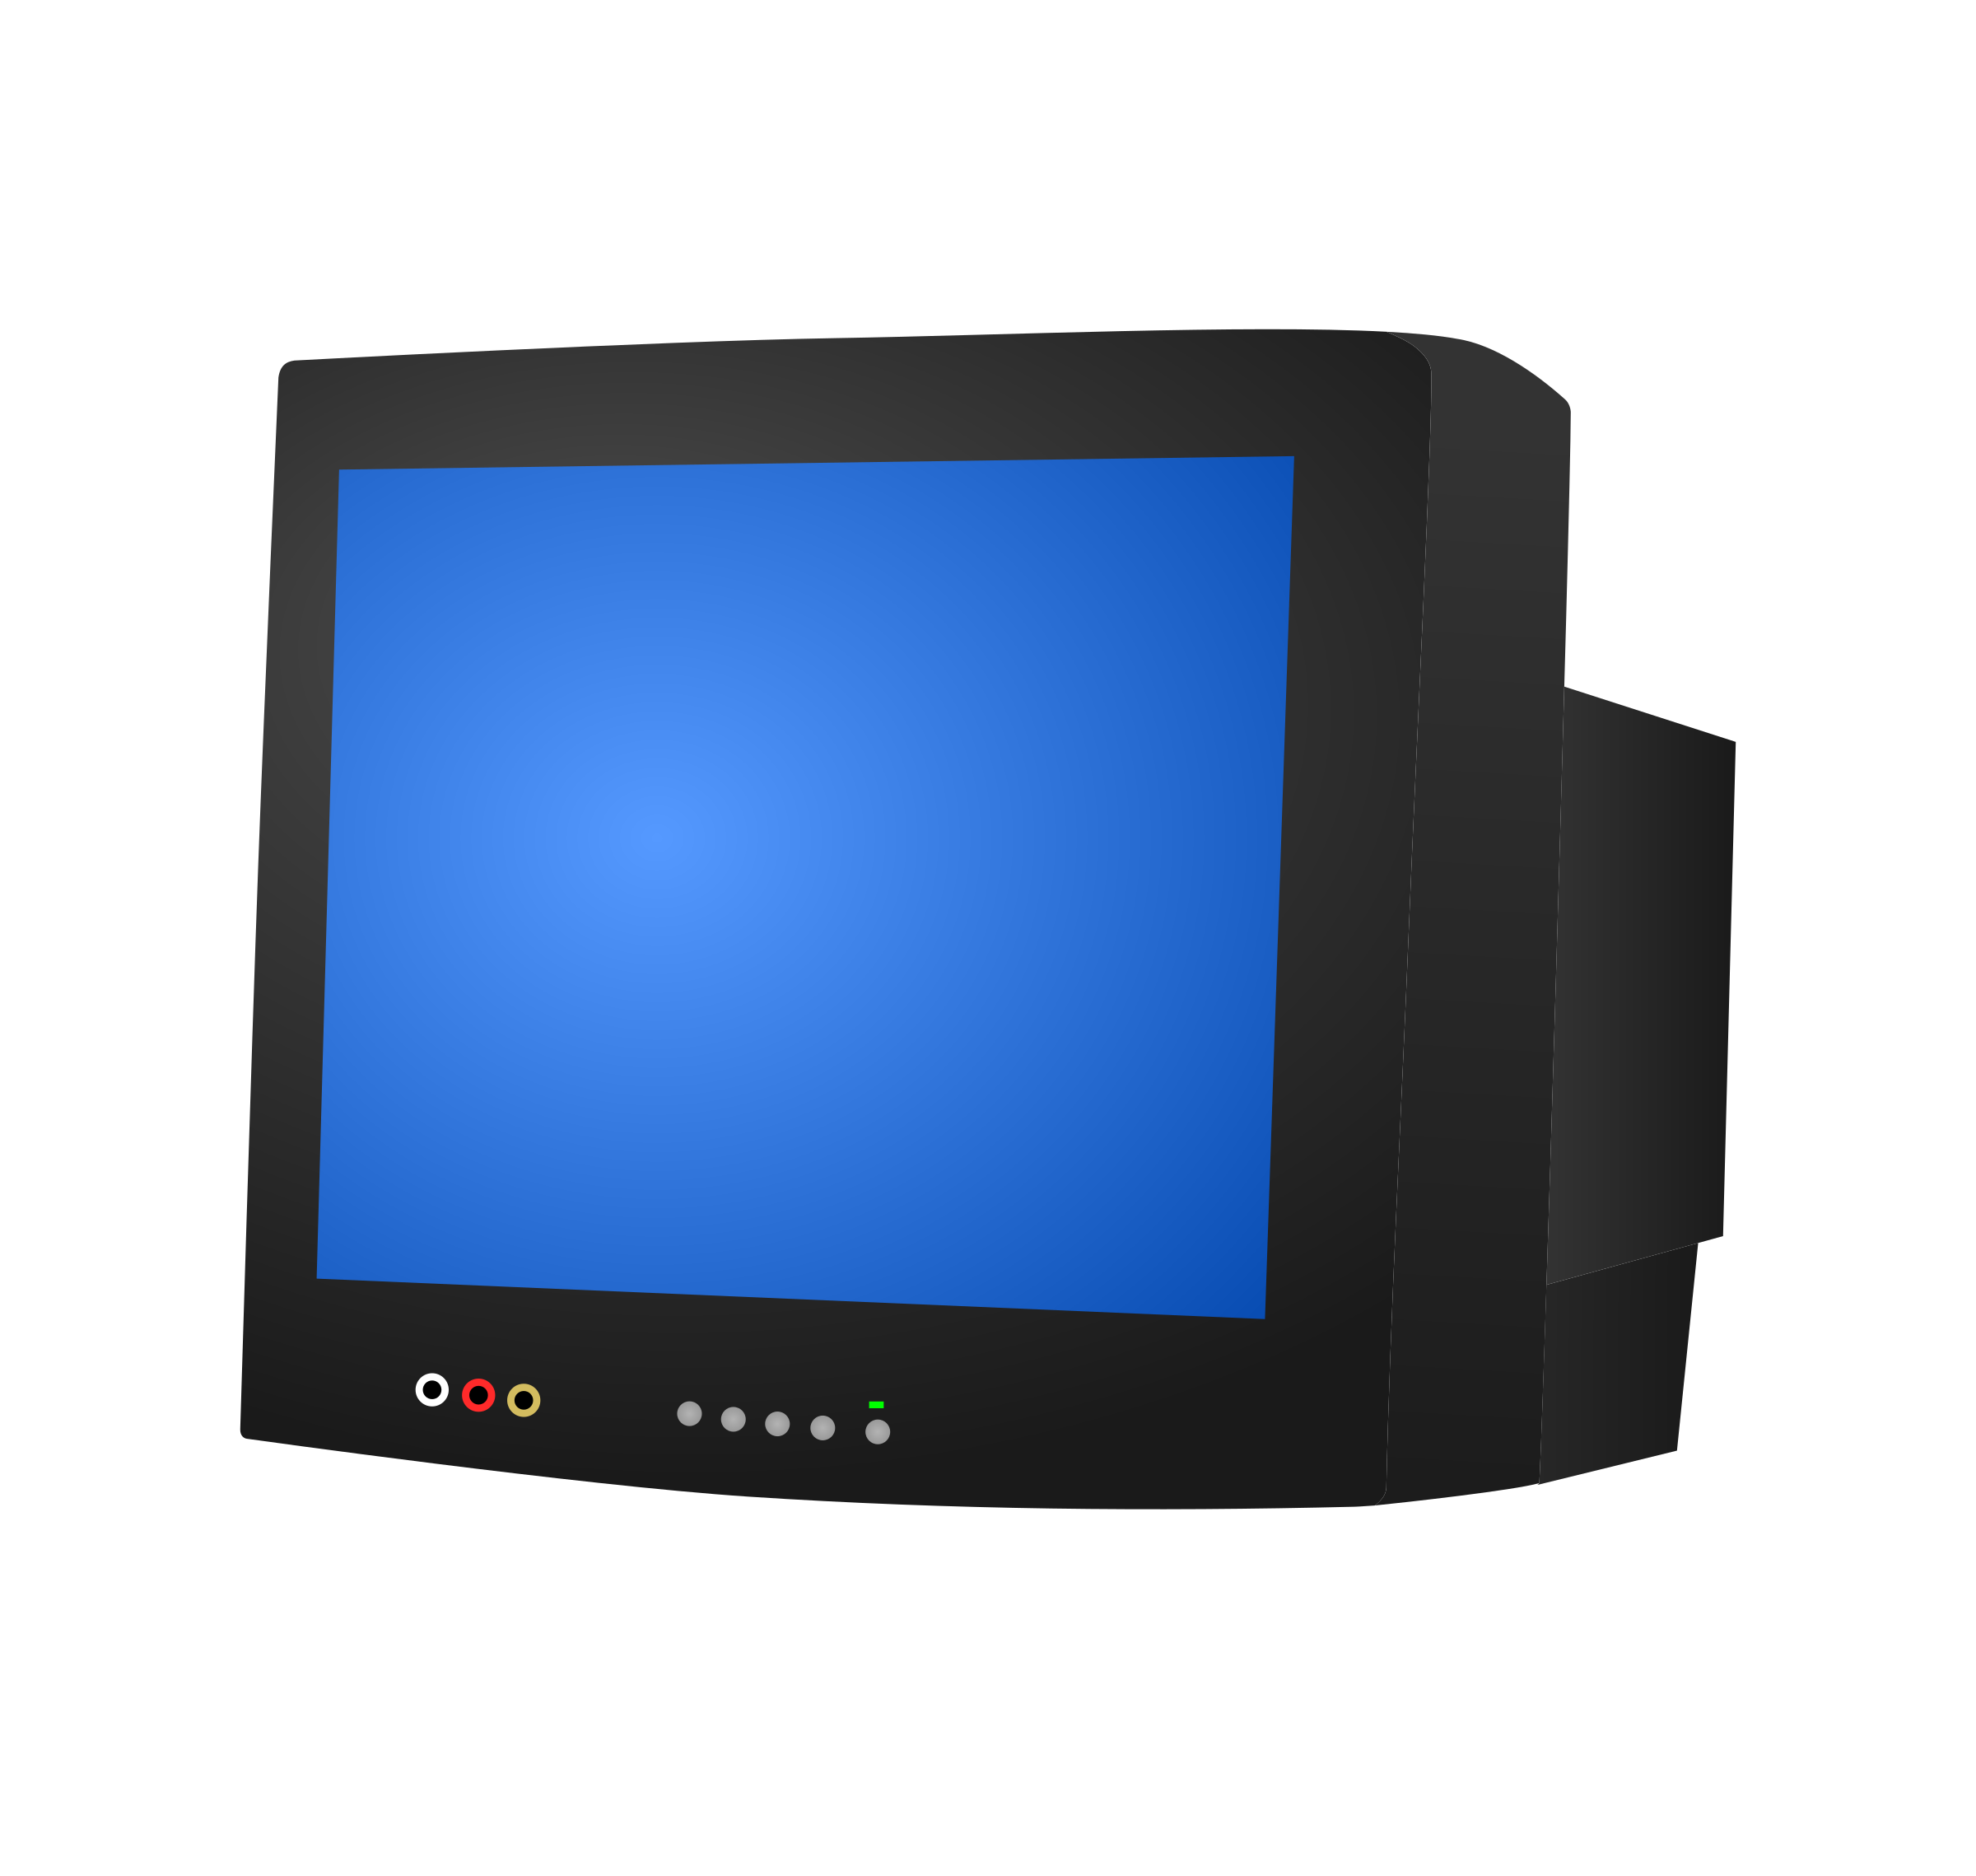 Clipart tv small tv. Crt big image png